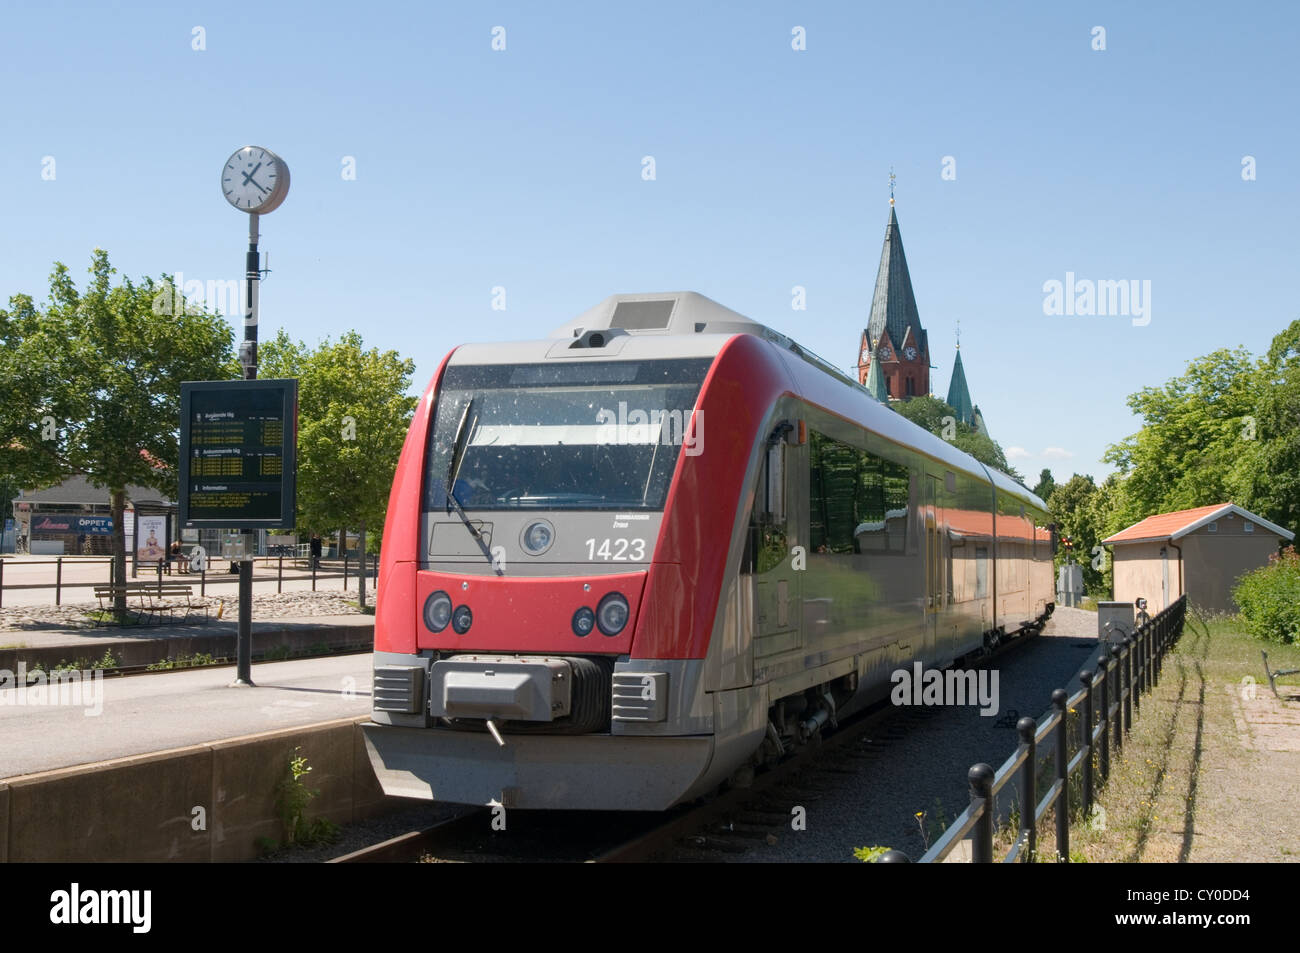 Les trains de banlieue à la station gares de chemins de fer suédois la suède saffle Photo Stock